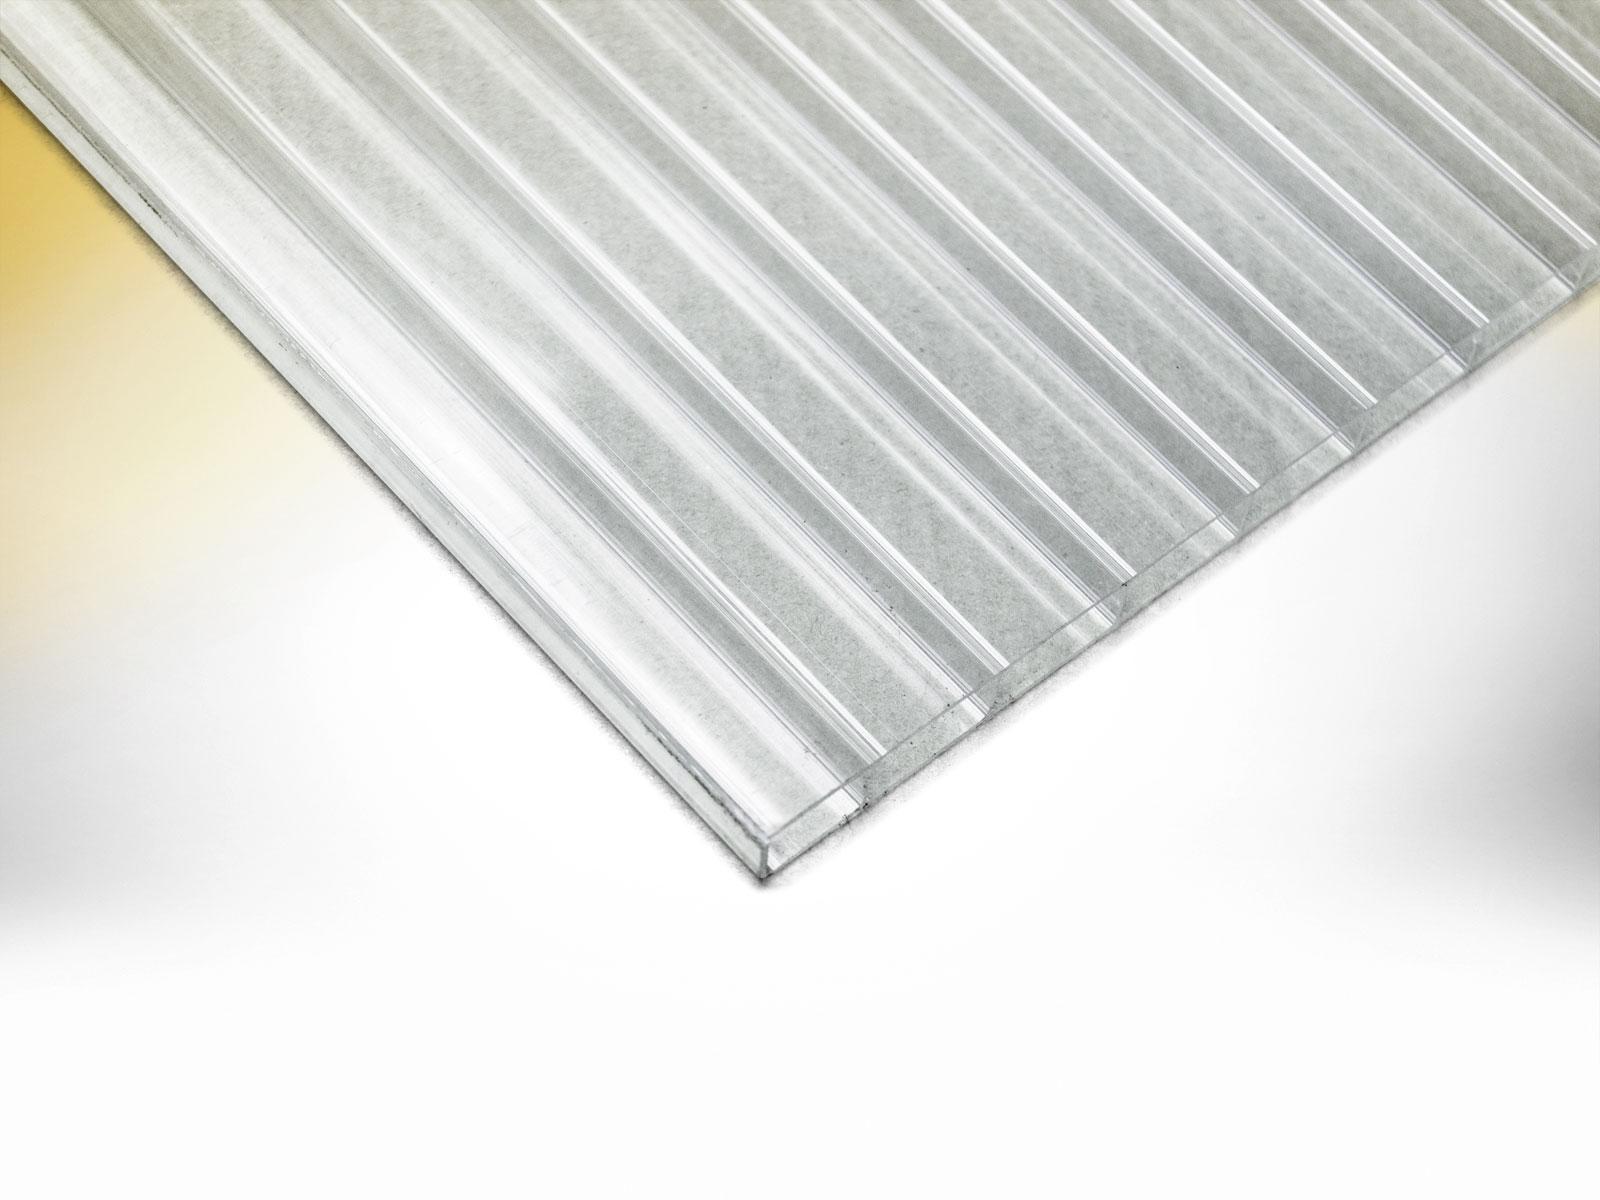 Aufpreis Transparentdach Doppelstegplatten Leo Shop